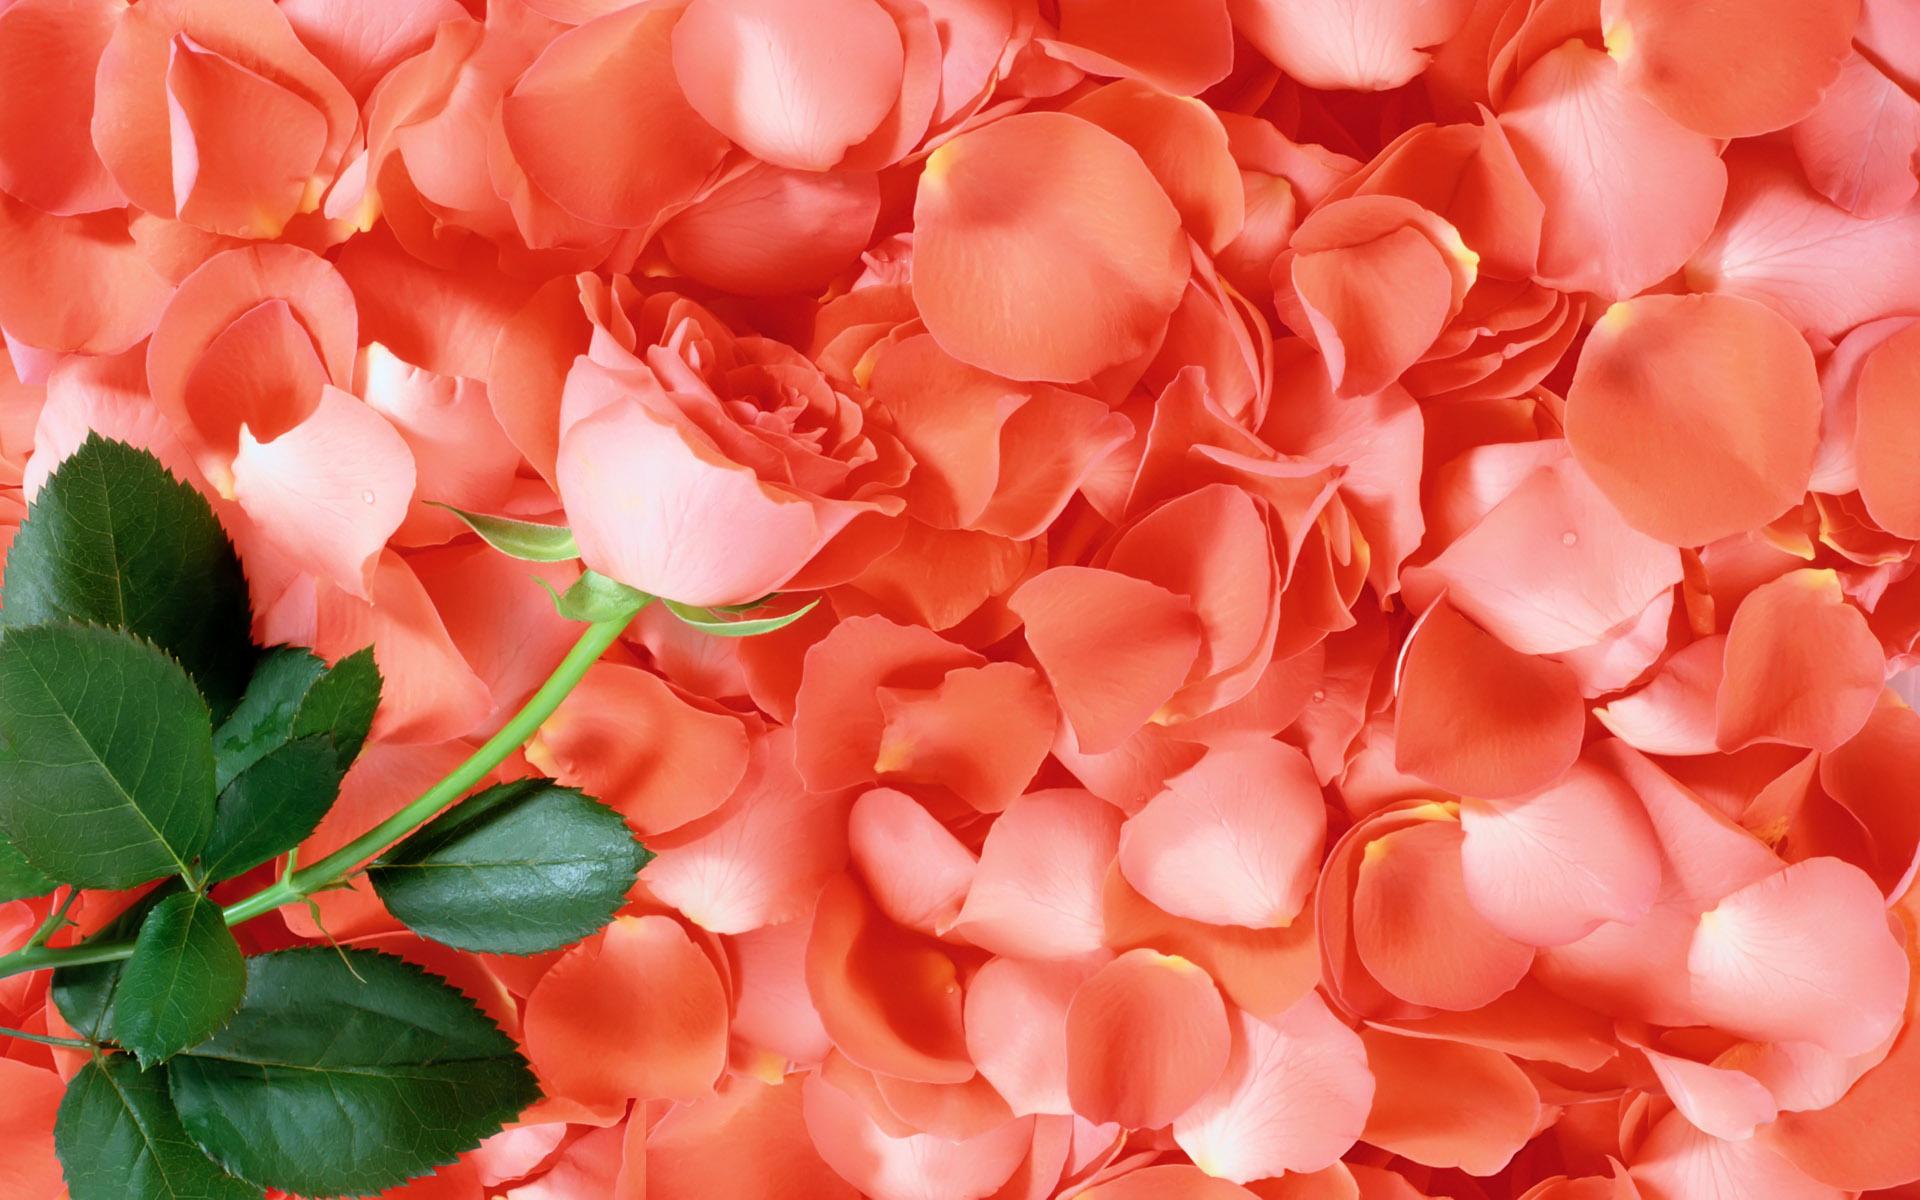 rose petals wallpaper 46542